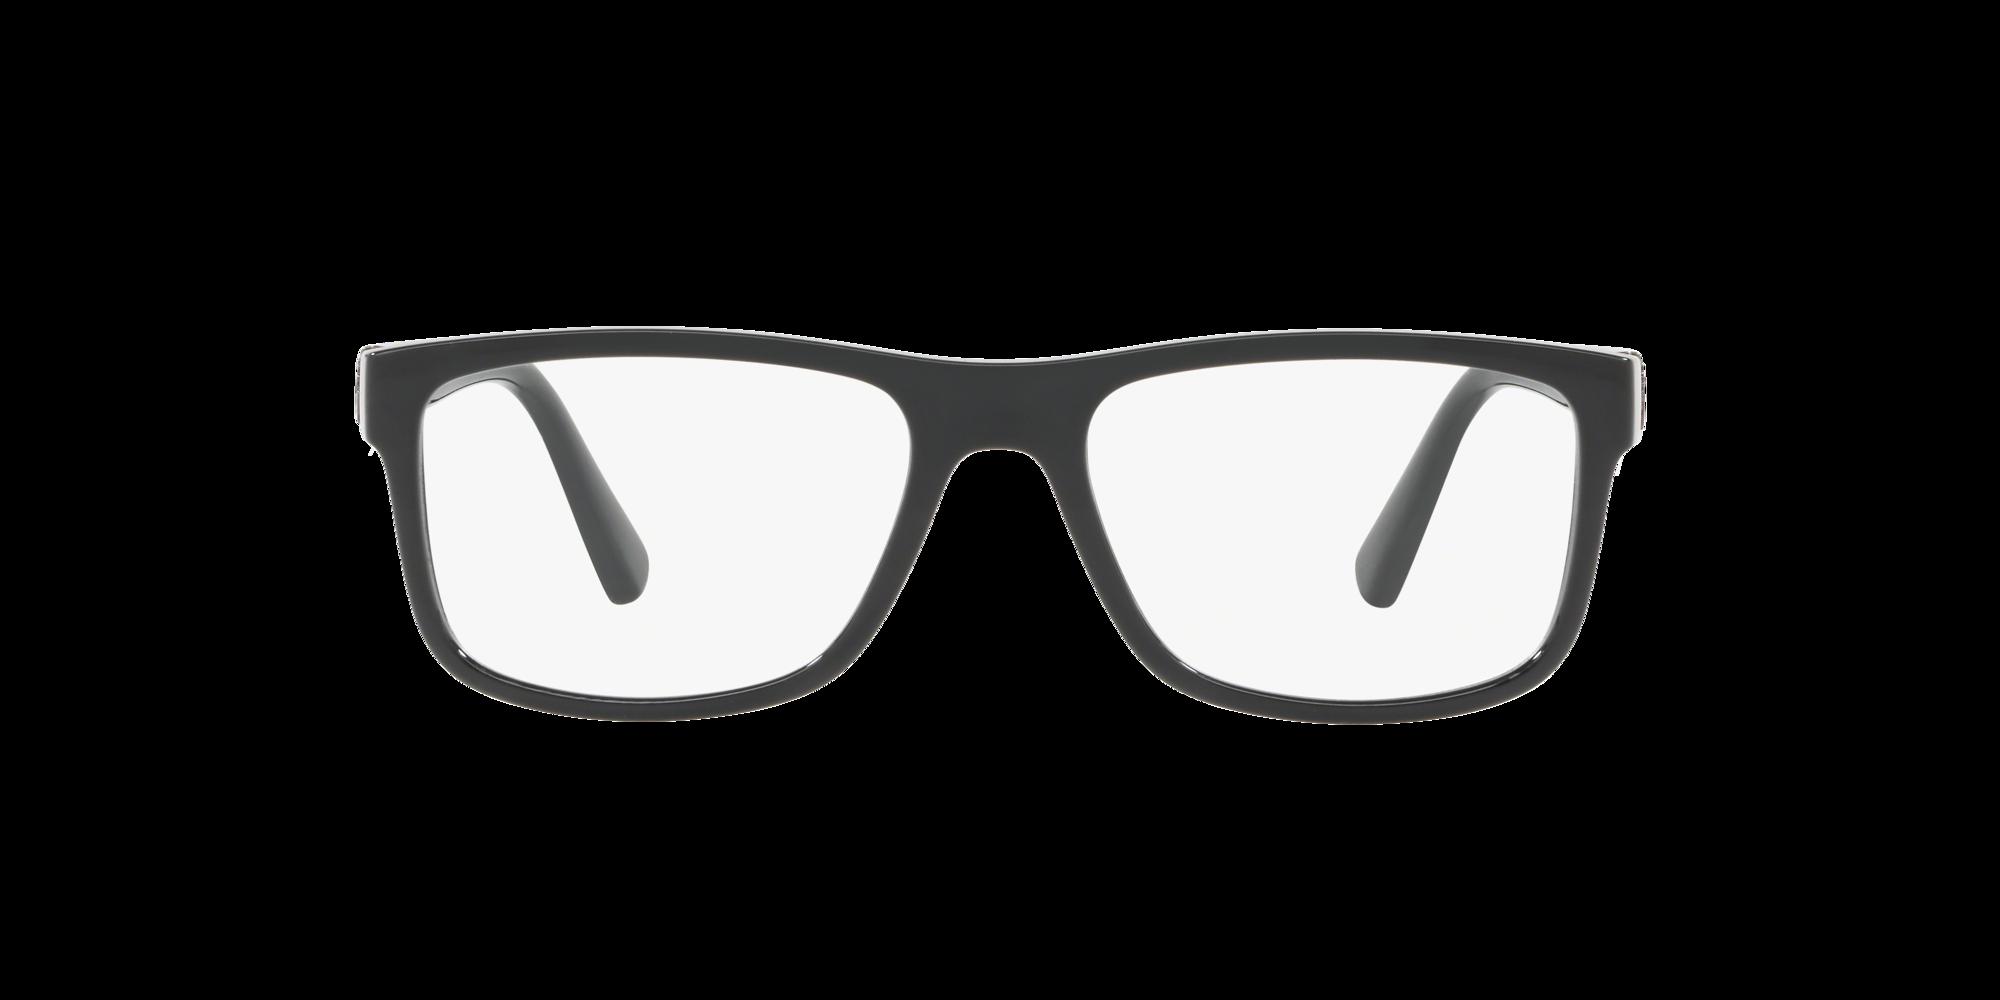 Imagen para PH2184 de LensCrafters |  Espejuelos, espejuelos graduados en línea, gafas